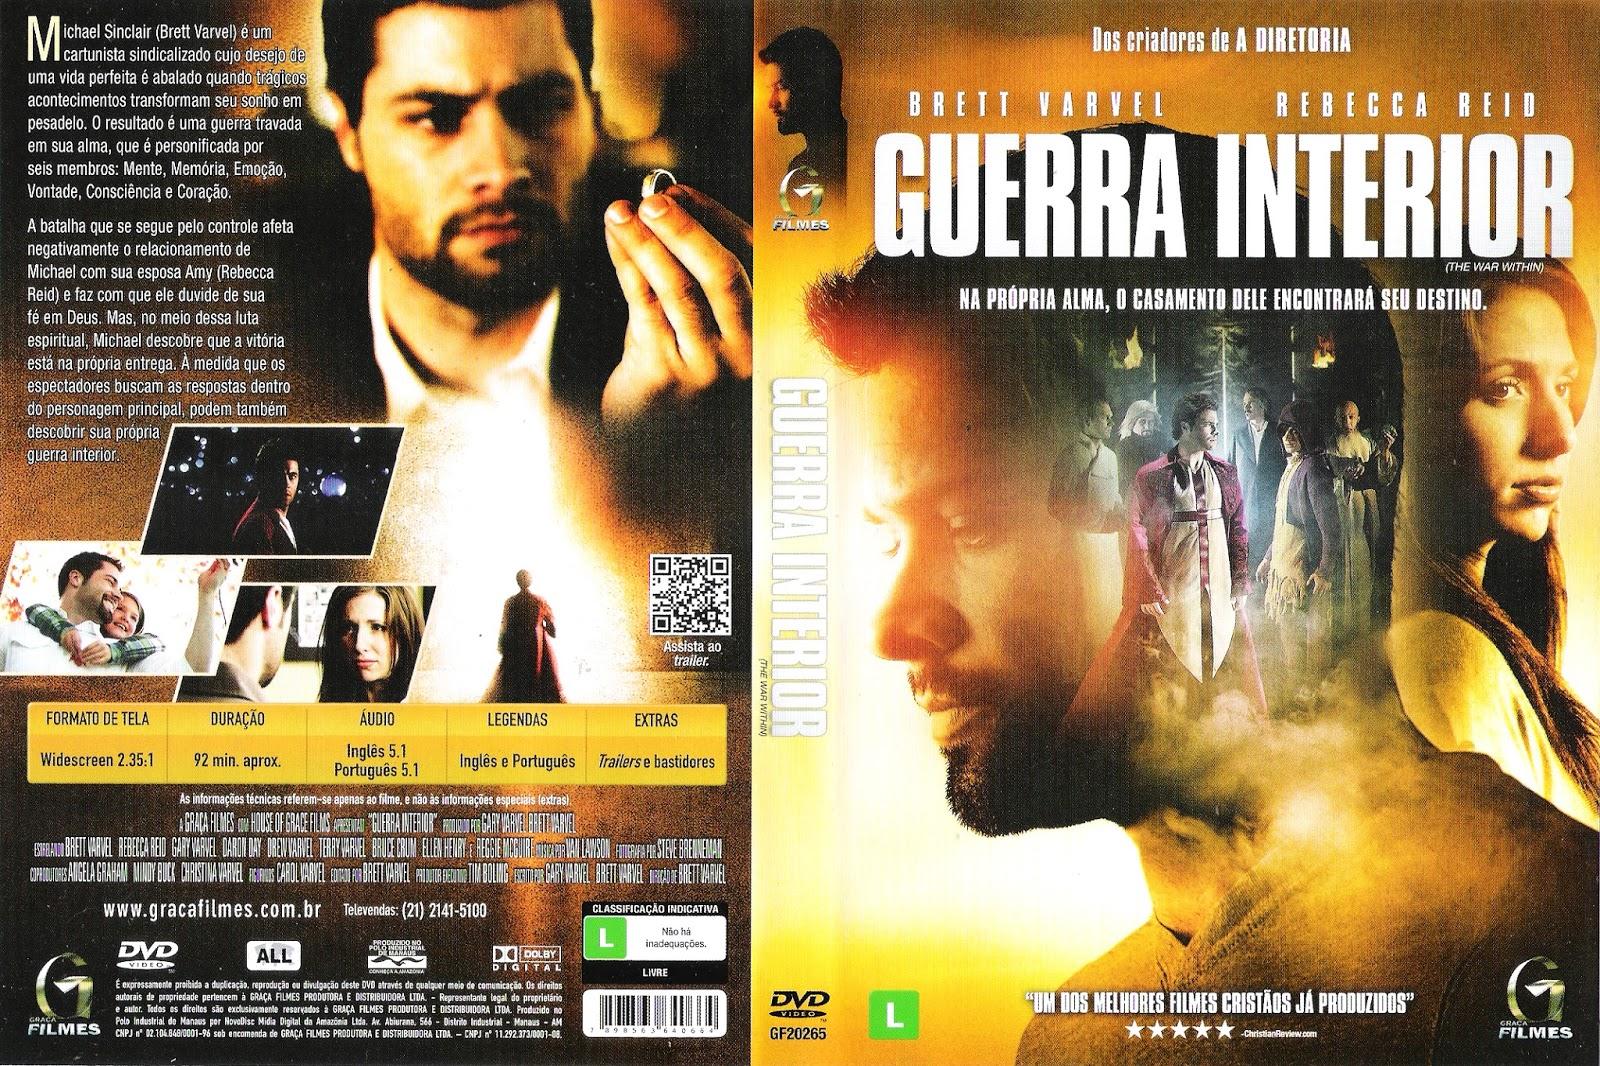 Download Guerra Interior DVDRip XviD Dual Áudio Guerra 2BInterior 2BXANDAODOWNLOAD